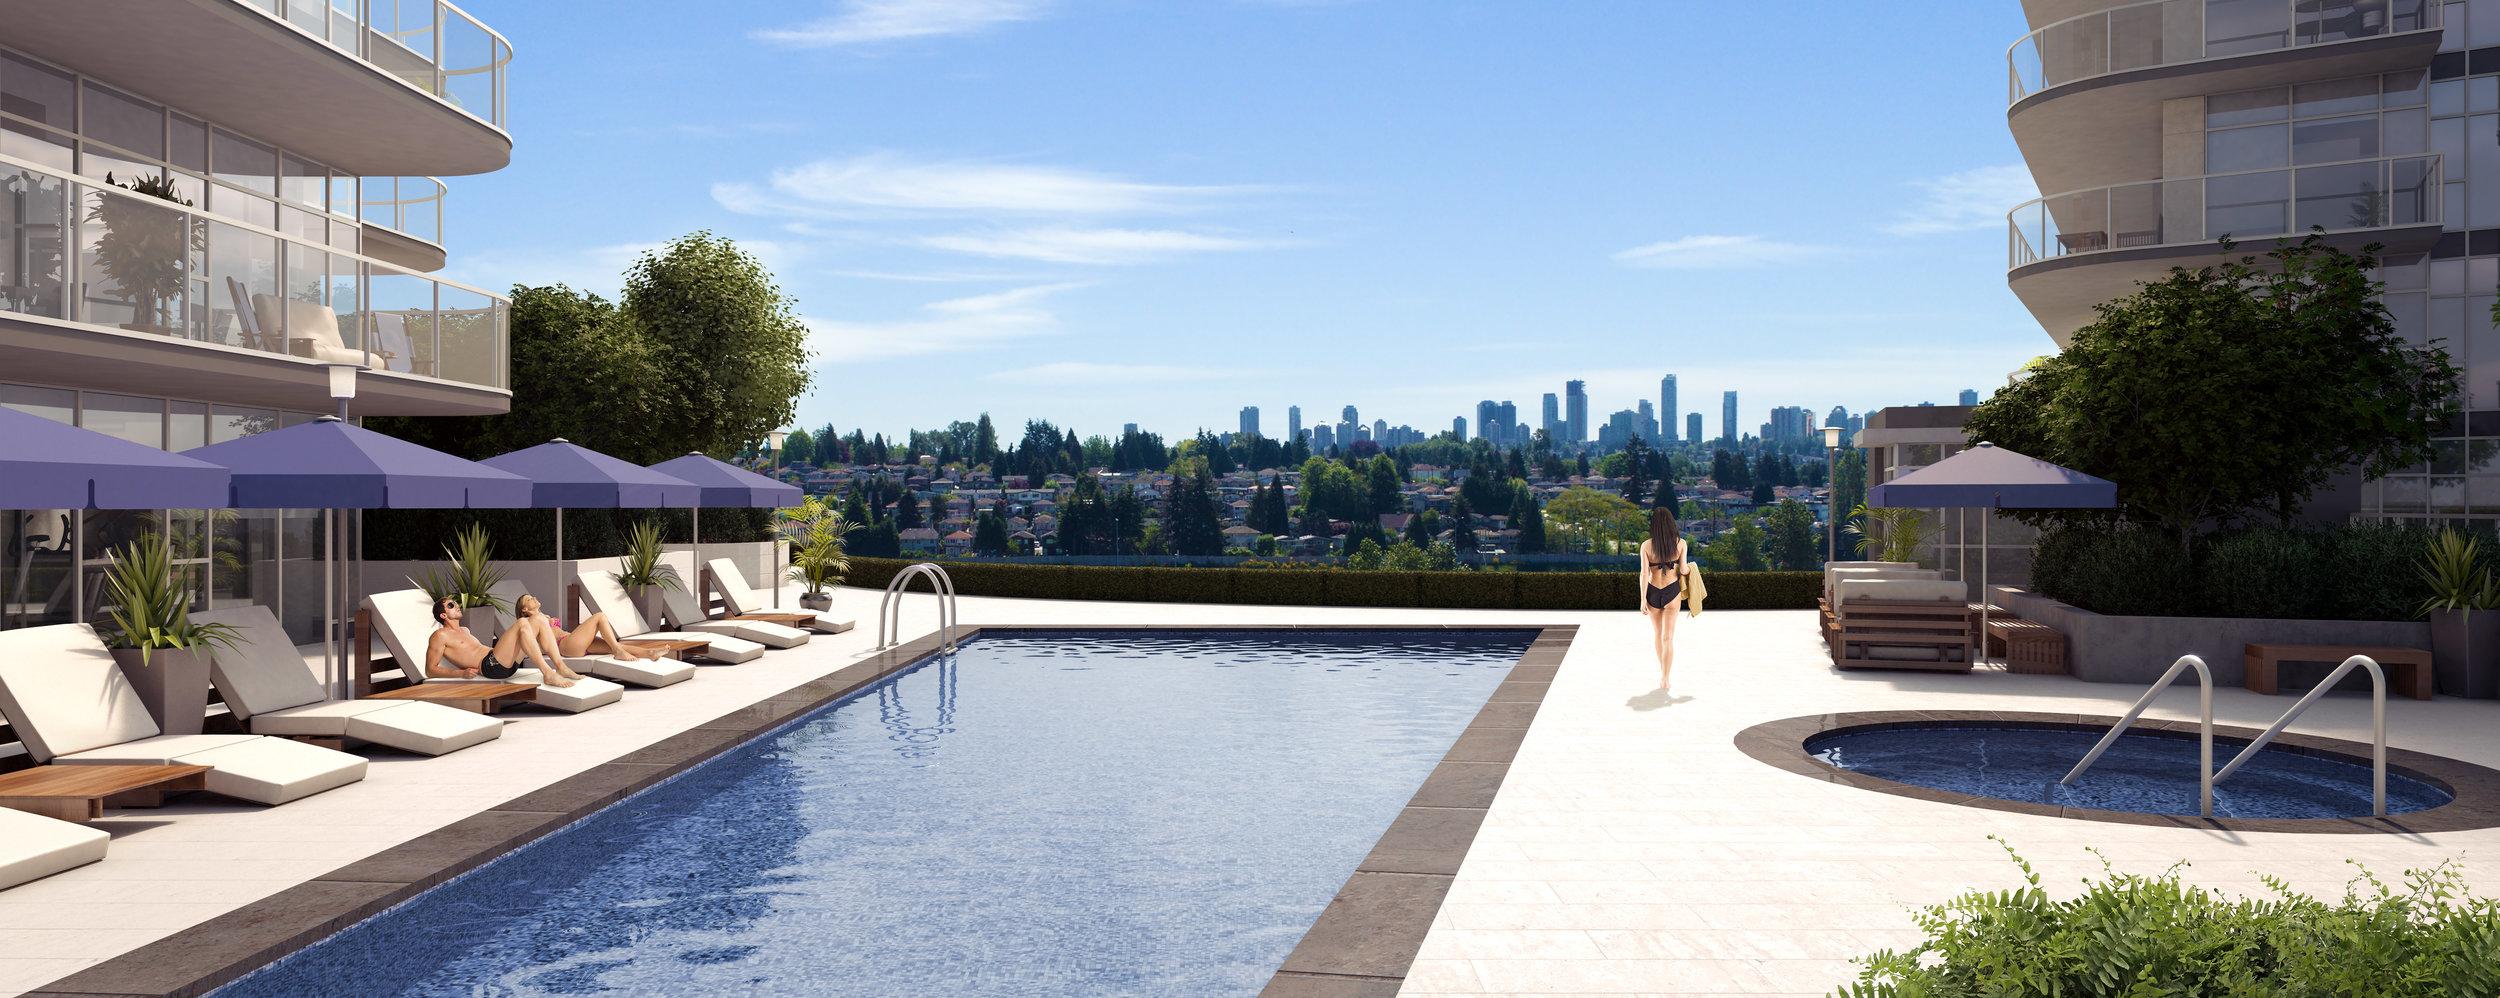 Etoile Pool Burnaby Rendering.jpg